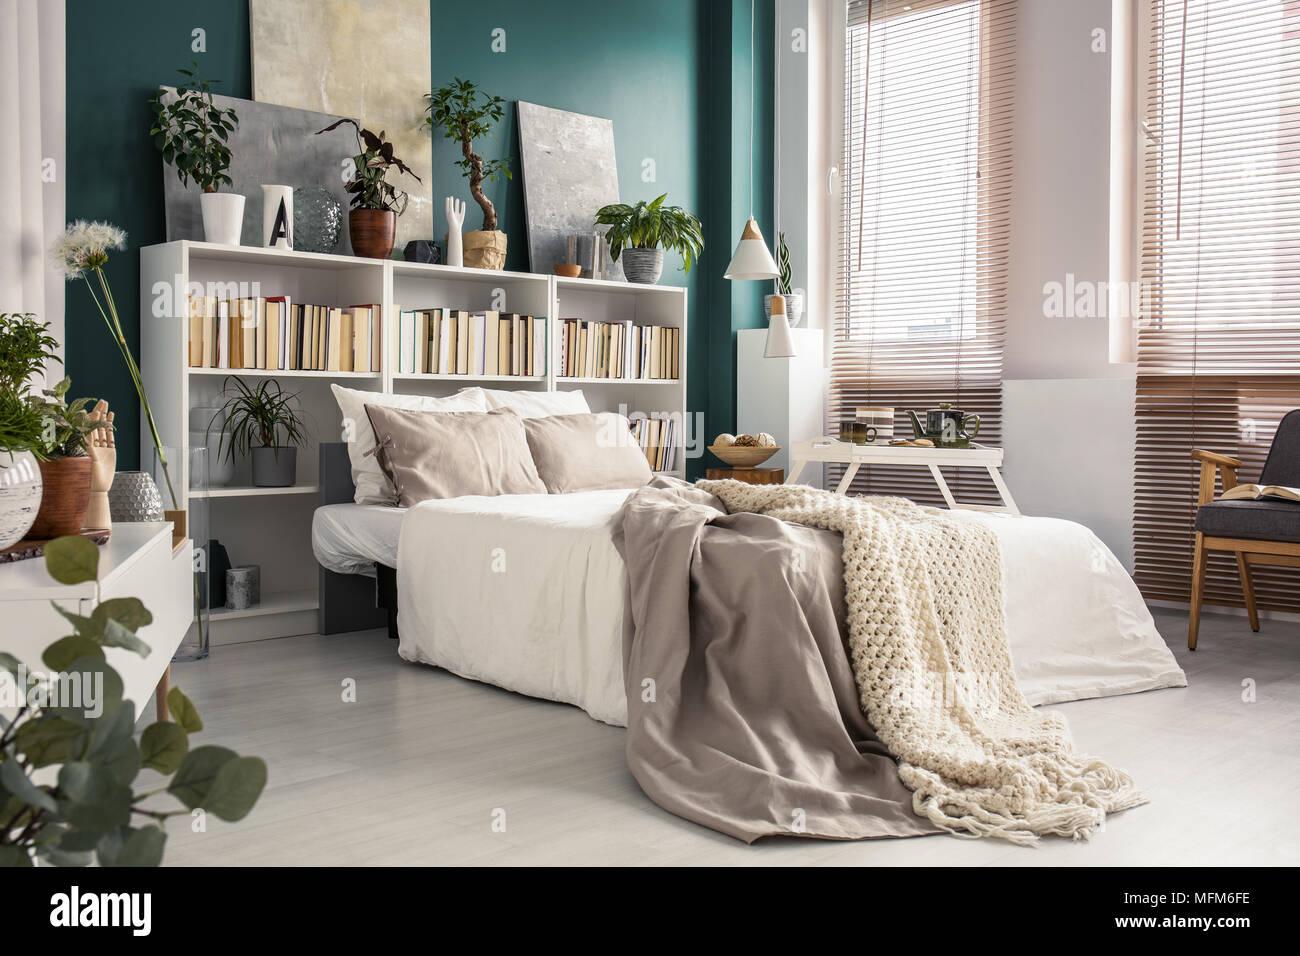 Camera Da Letto Beige : Vista laterale di un comodo divano letto bianco con grigio e